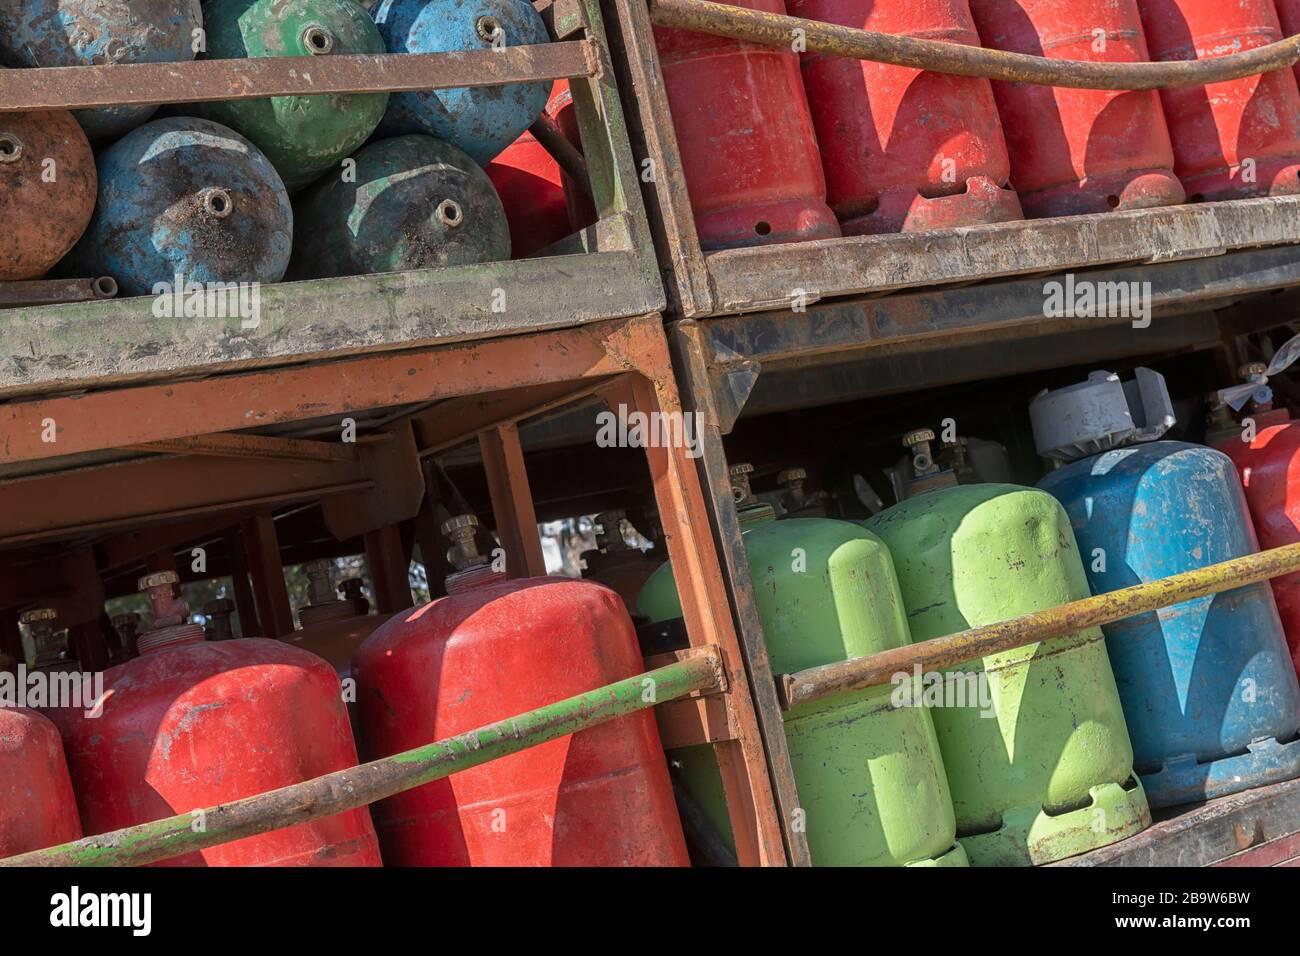 Vieilles bouteilles de gaz rouillés sur un camion prêt à être livré dans la campagne du Maroc. Banque D'Images